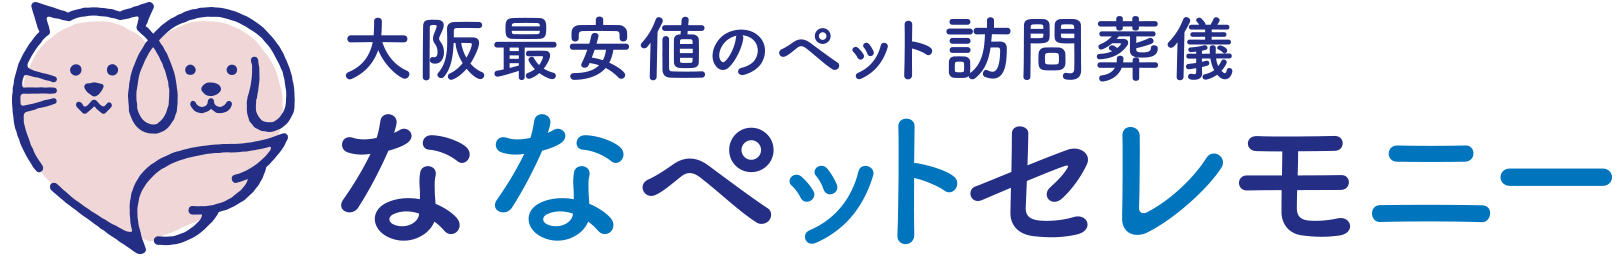 大阪最安値ペット訪問葬儀「ななペットセレモニー」